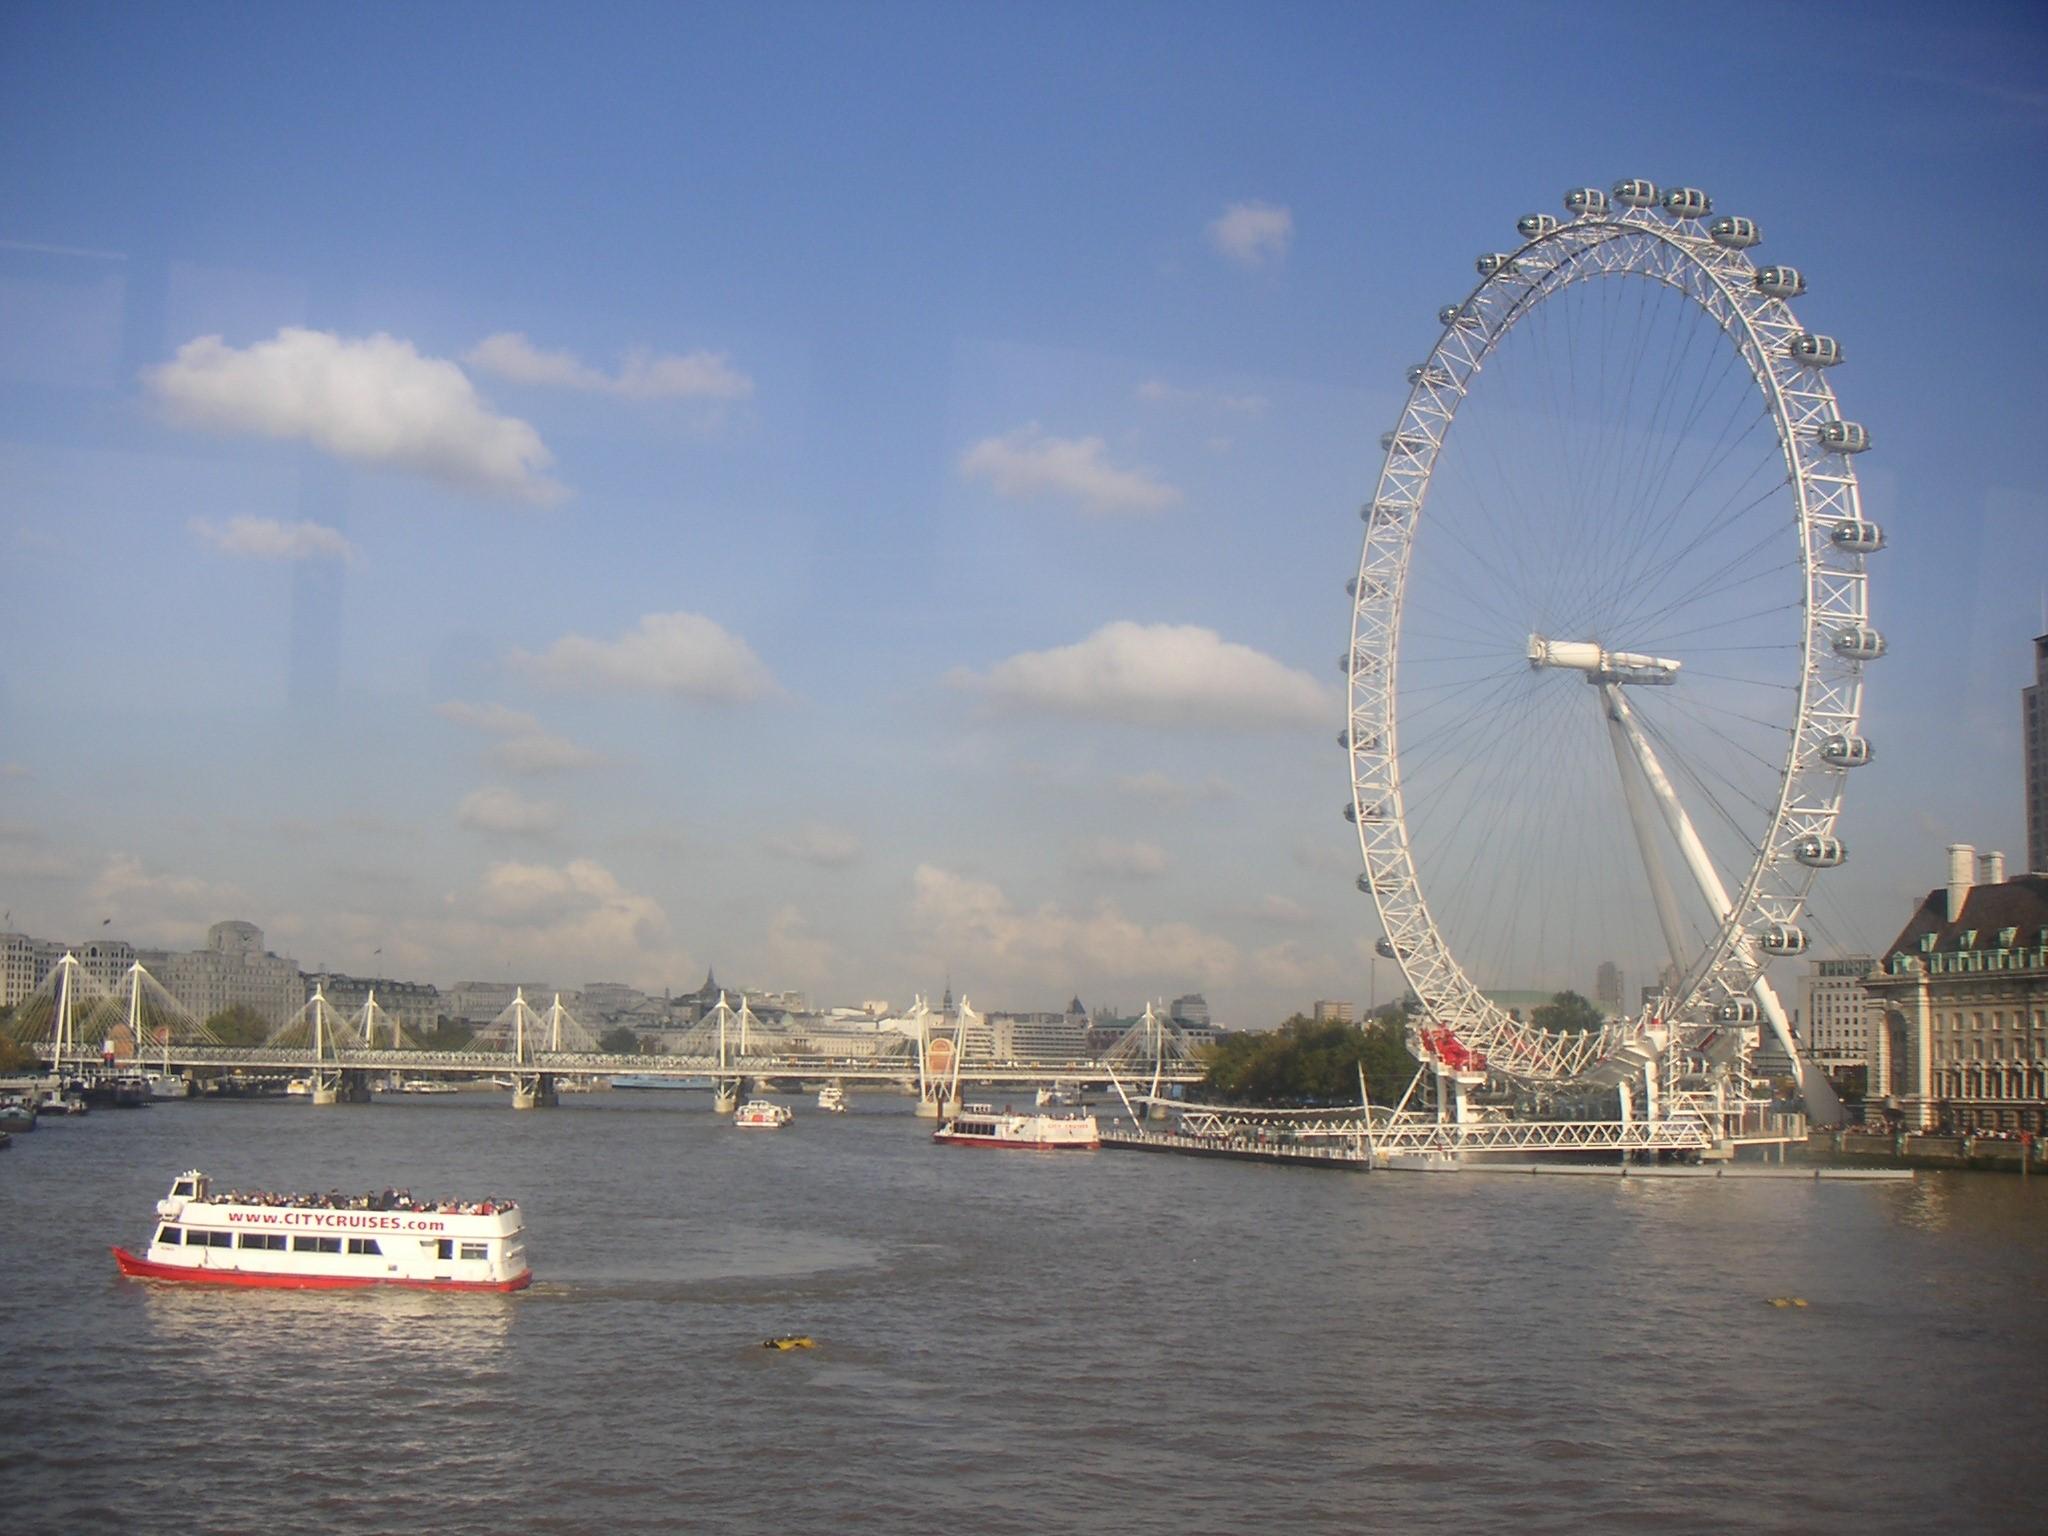 a hint of Art【Vol 3.】ロンドンとシンガポールの休日にヒントが潜んでいた